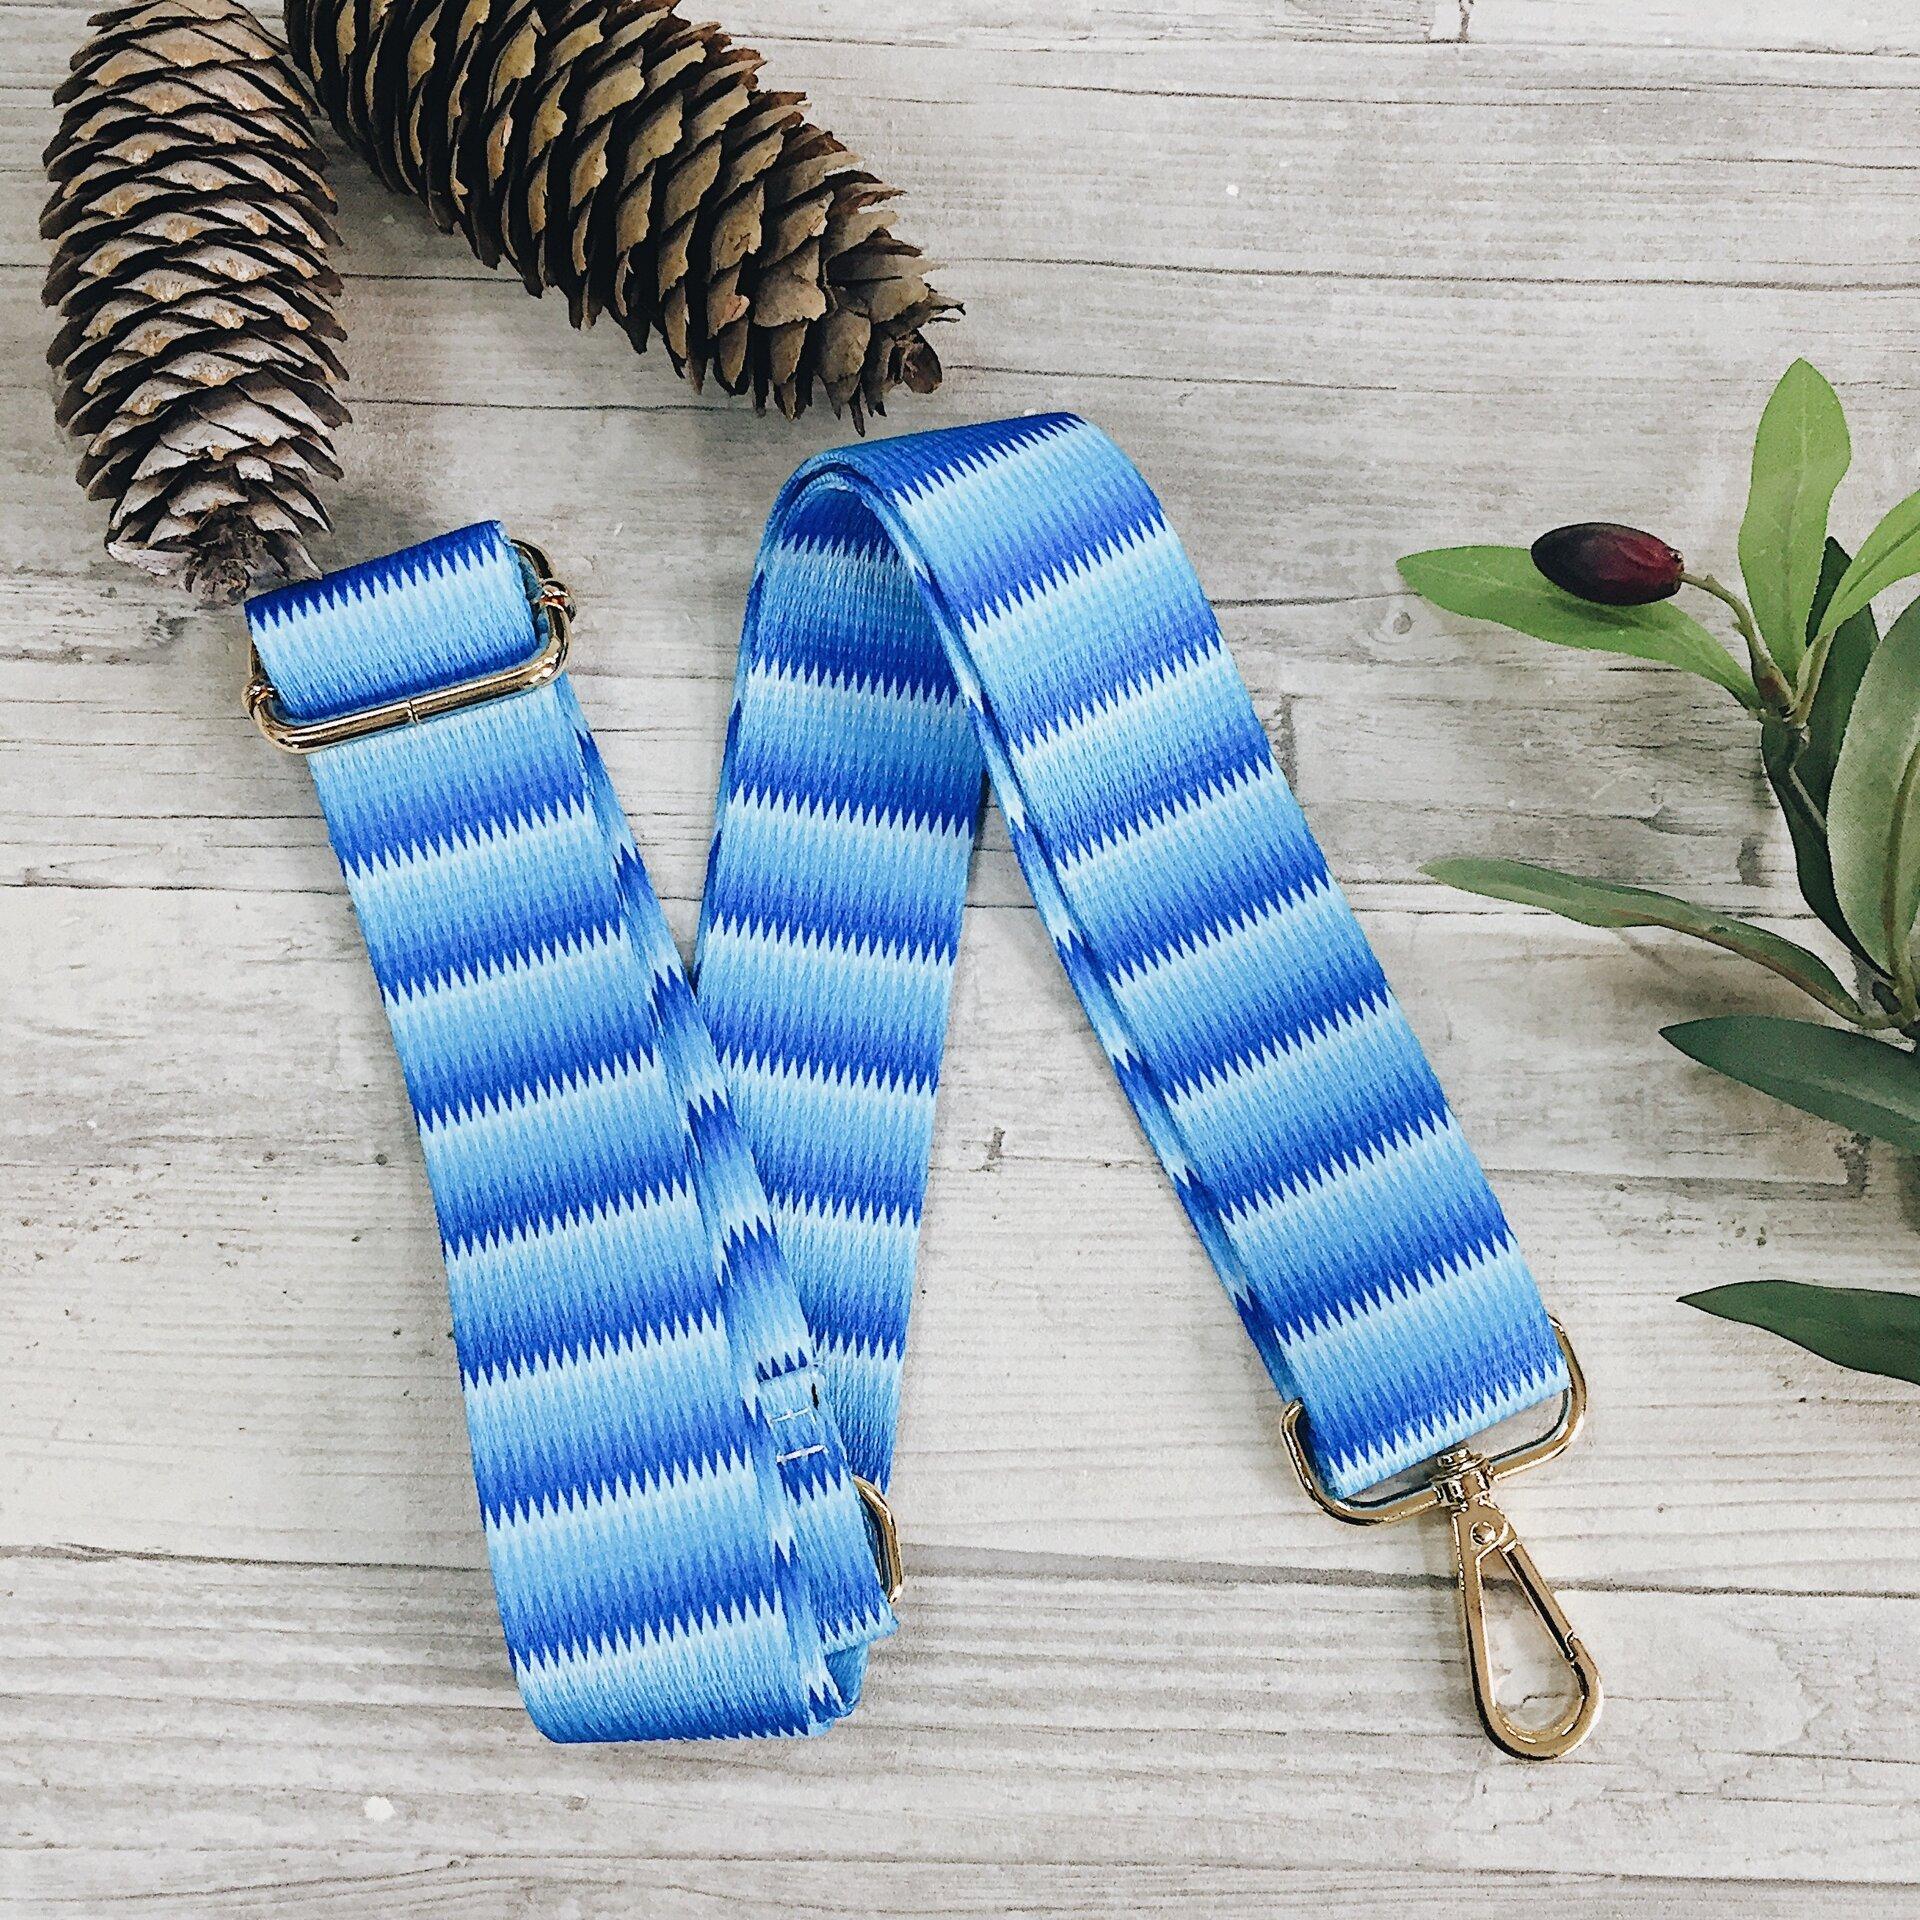 Ремень для сумки, широкий 4см цвет голубой - фото pic_6a671674fd47c220687afdb024751f62_1920x9000_1.jpg